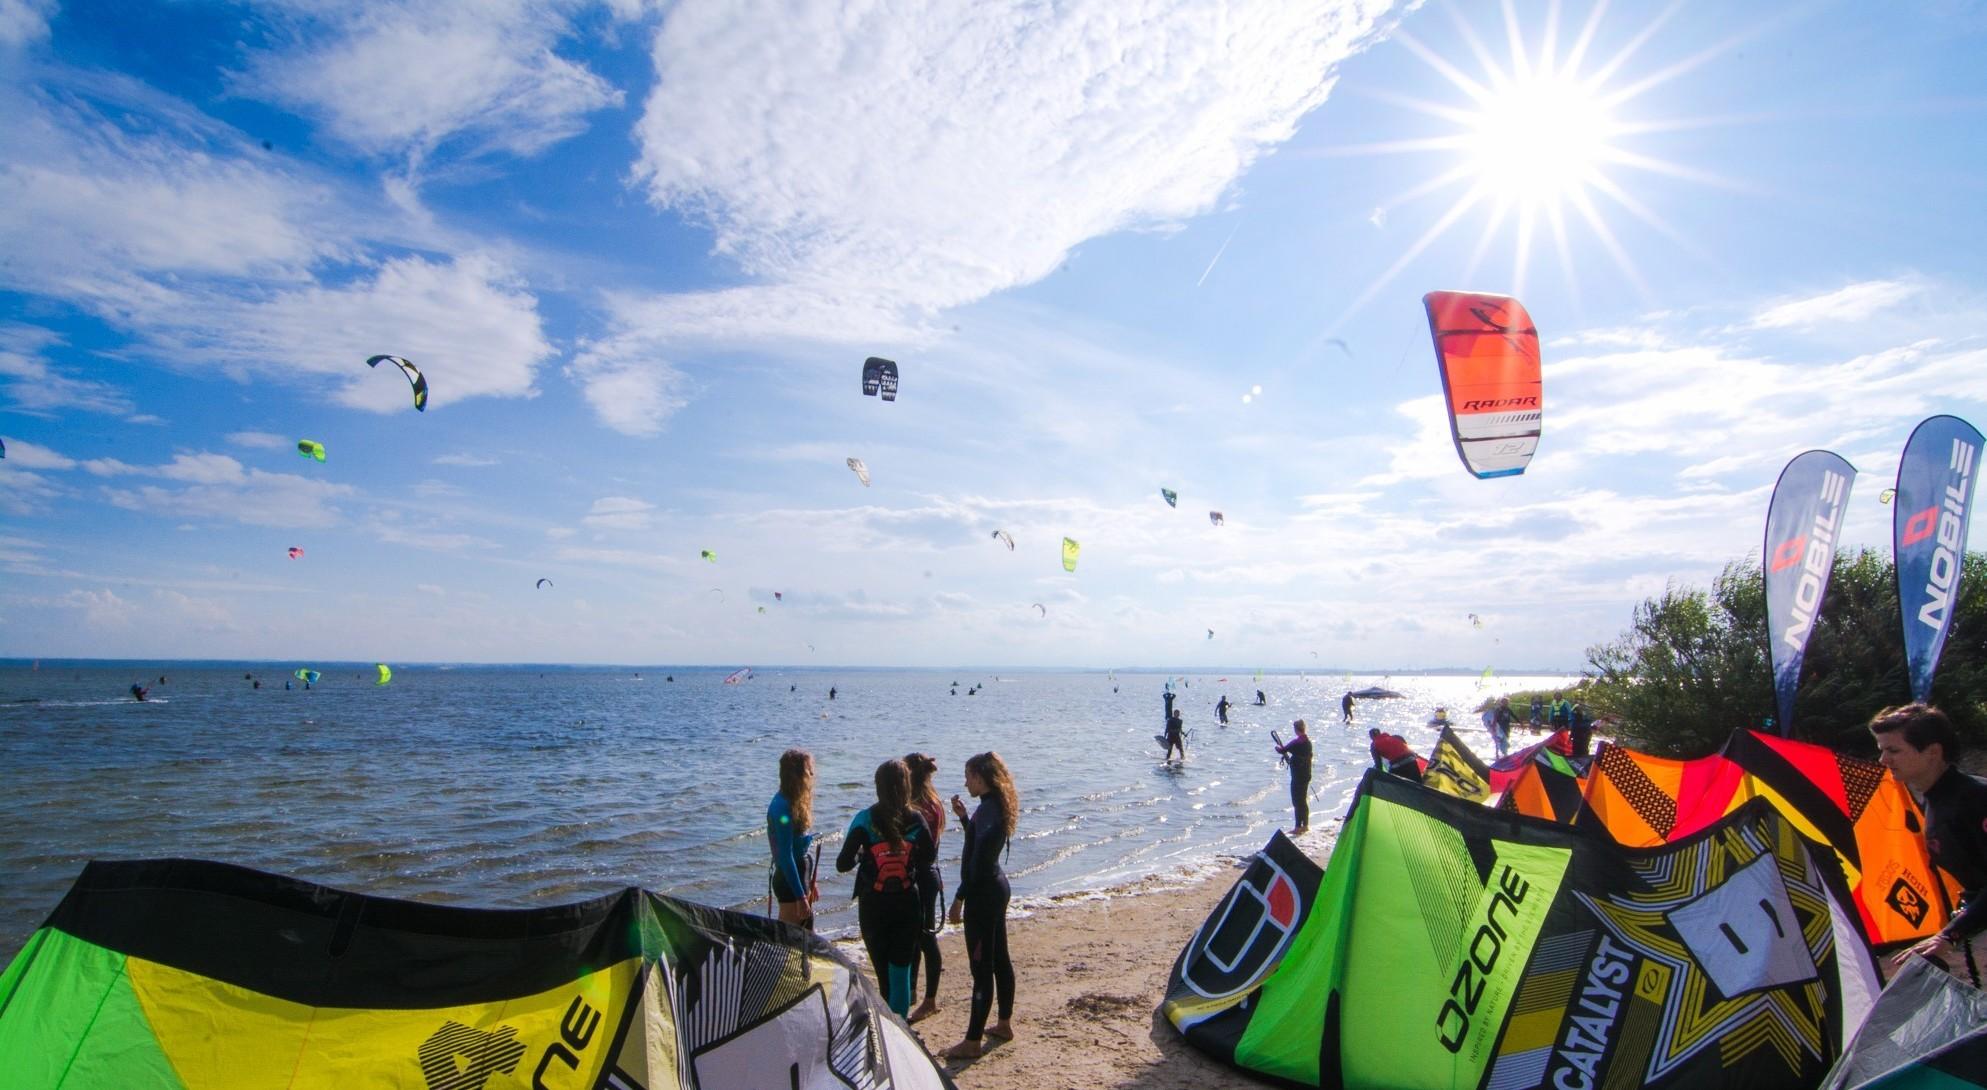 kitesurfing-chalupy-6-szkoła-Kitecrew-szkolenia-kursy-kitesurfingowe-obozy